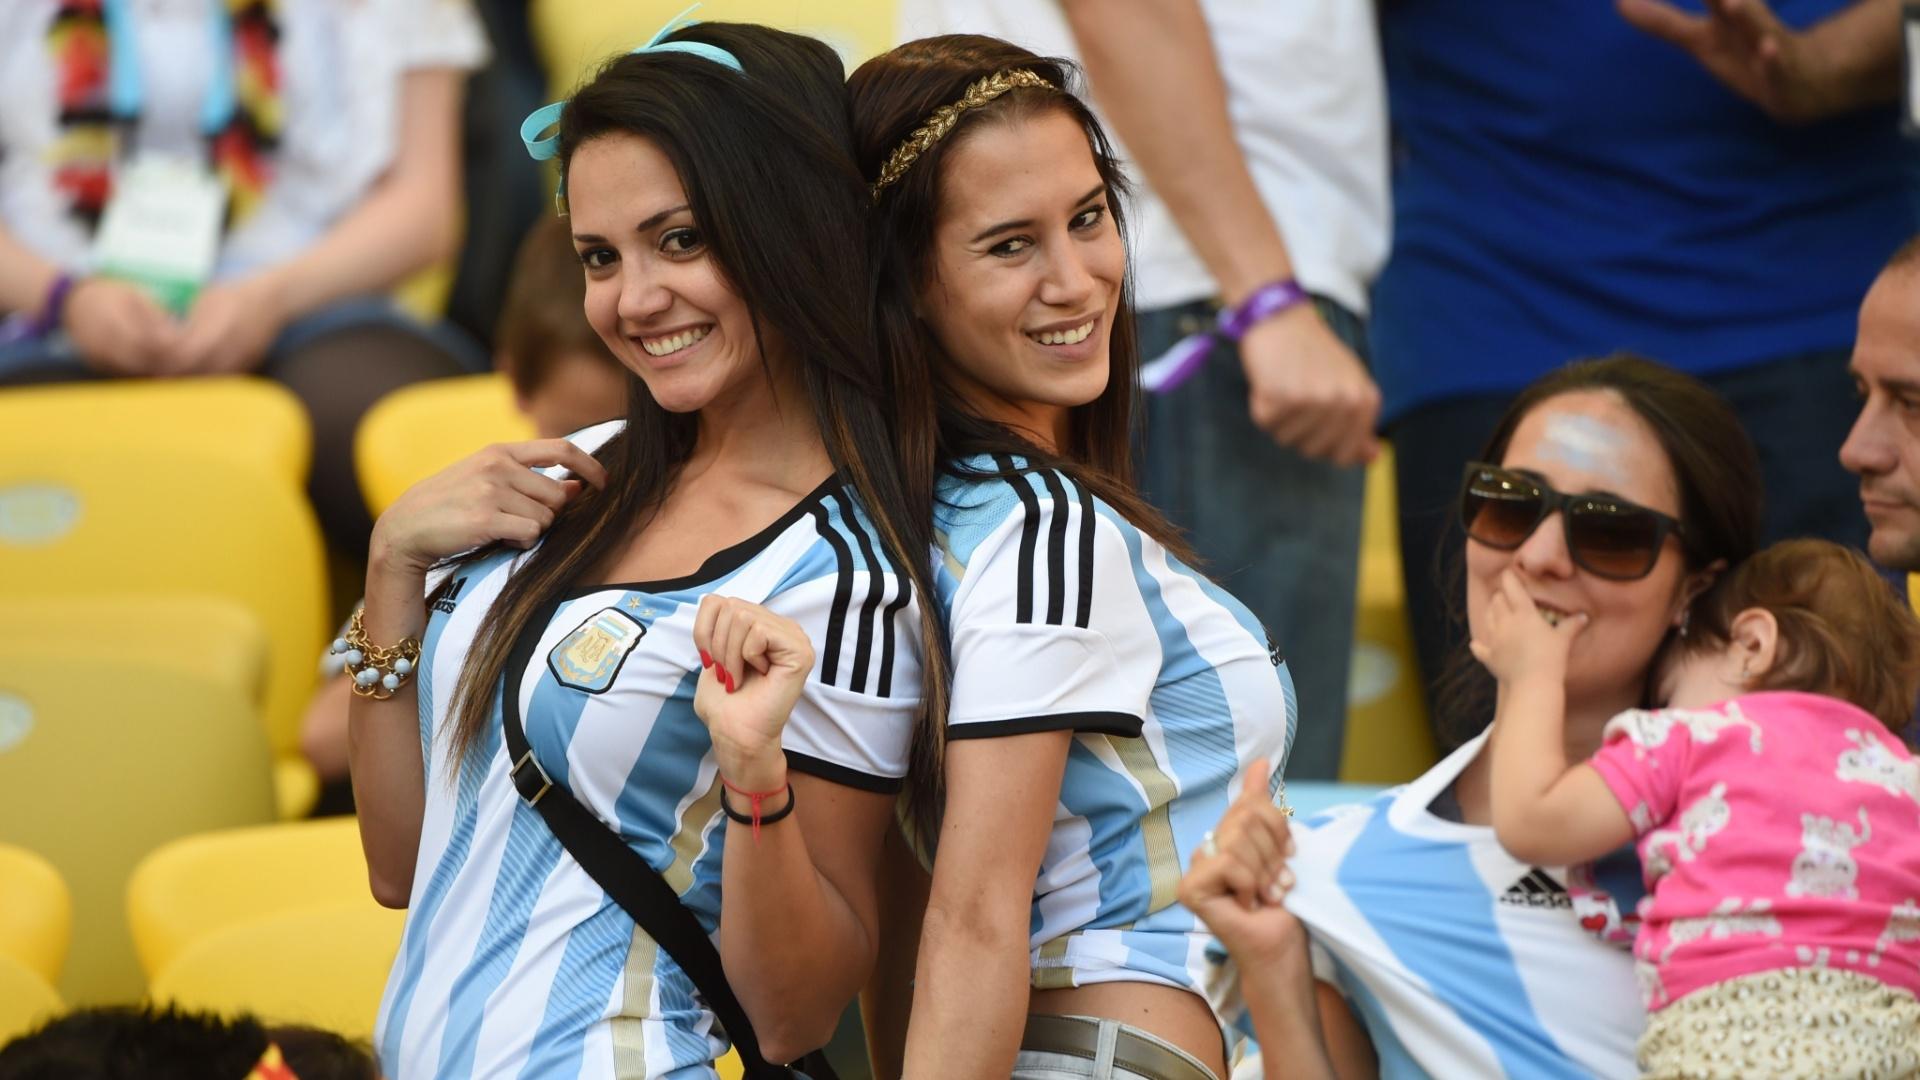 Dupla de amigas argentinas fazem sucesso nas arquibancadas do Maracanã durante final da Copa contra a Alemanha